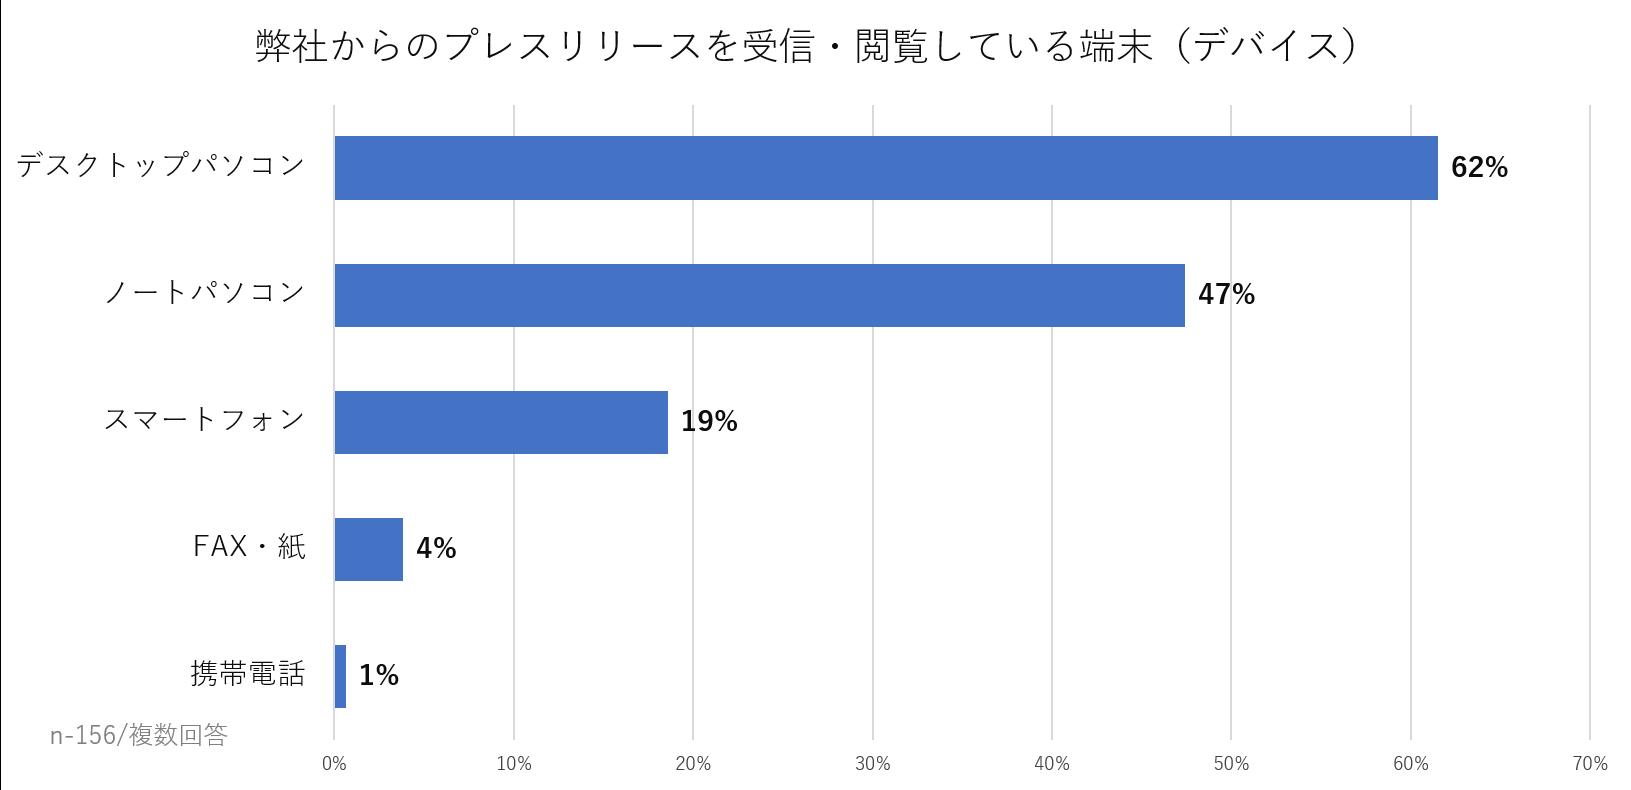 プレスリリース受信デバイスの割合